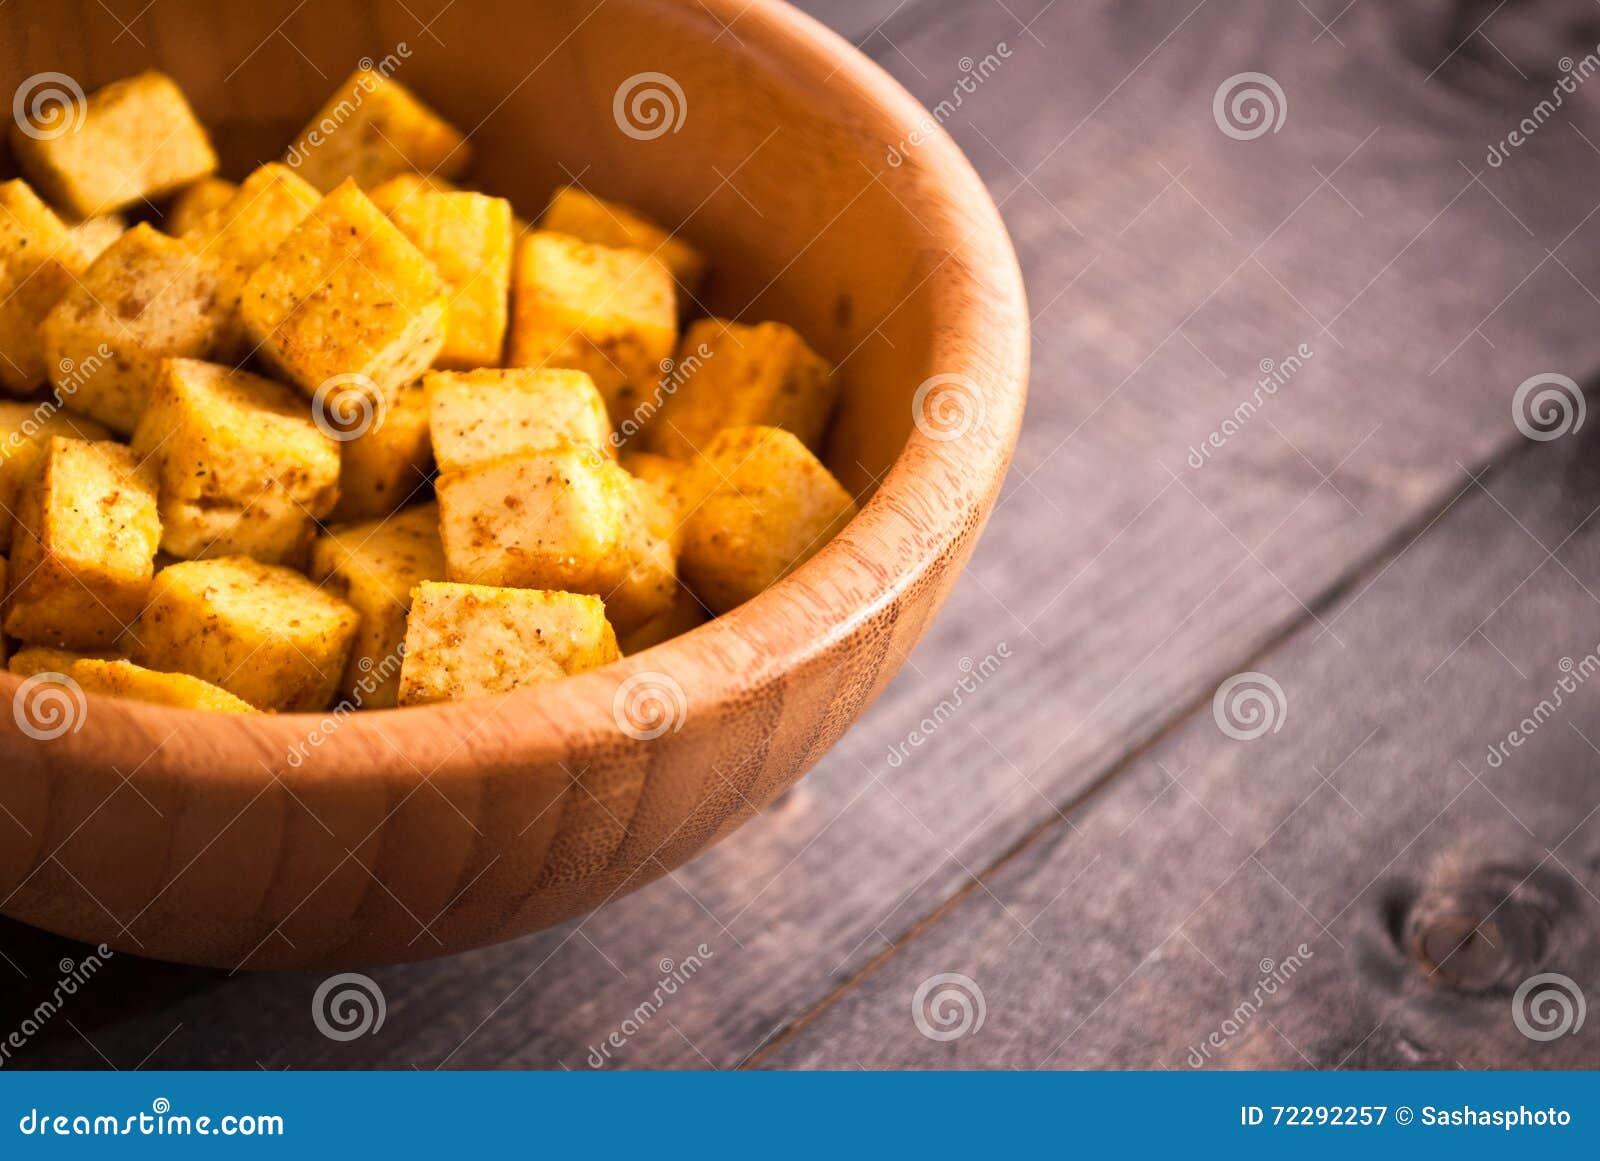 Download Кубы зажаренного тофу стоковое изображение. изображение насчитывающей золотисто - 72292257